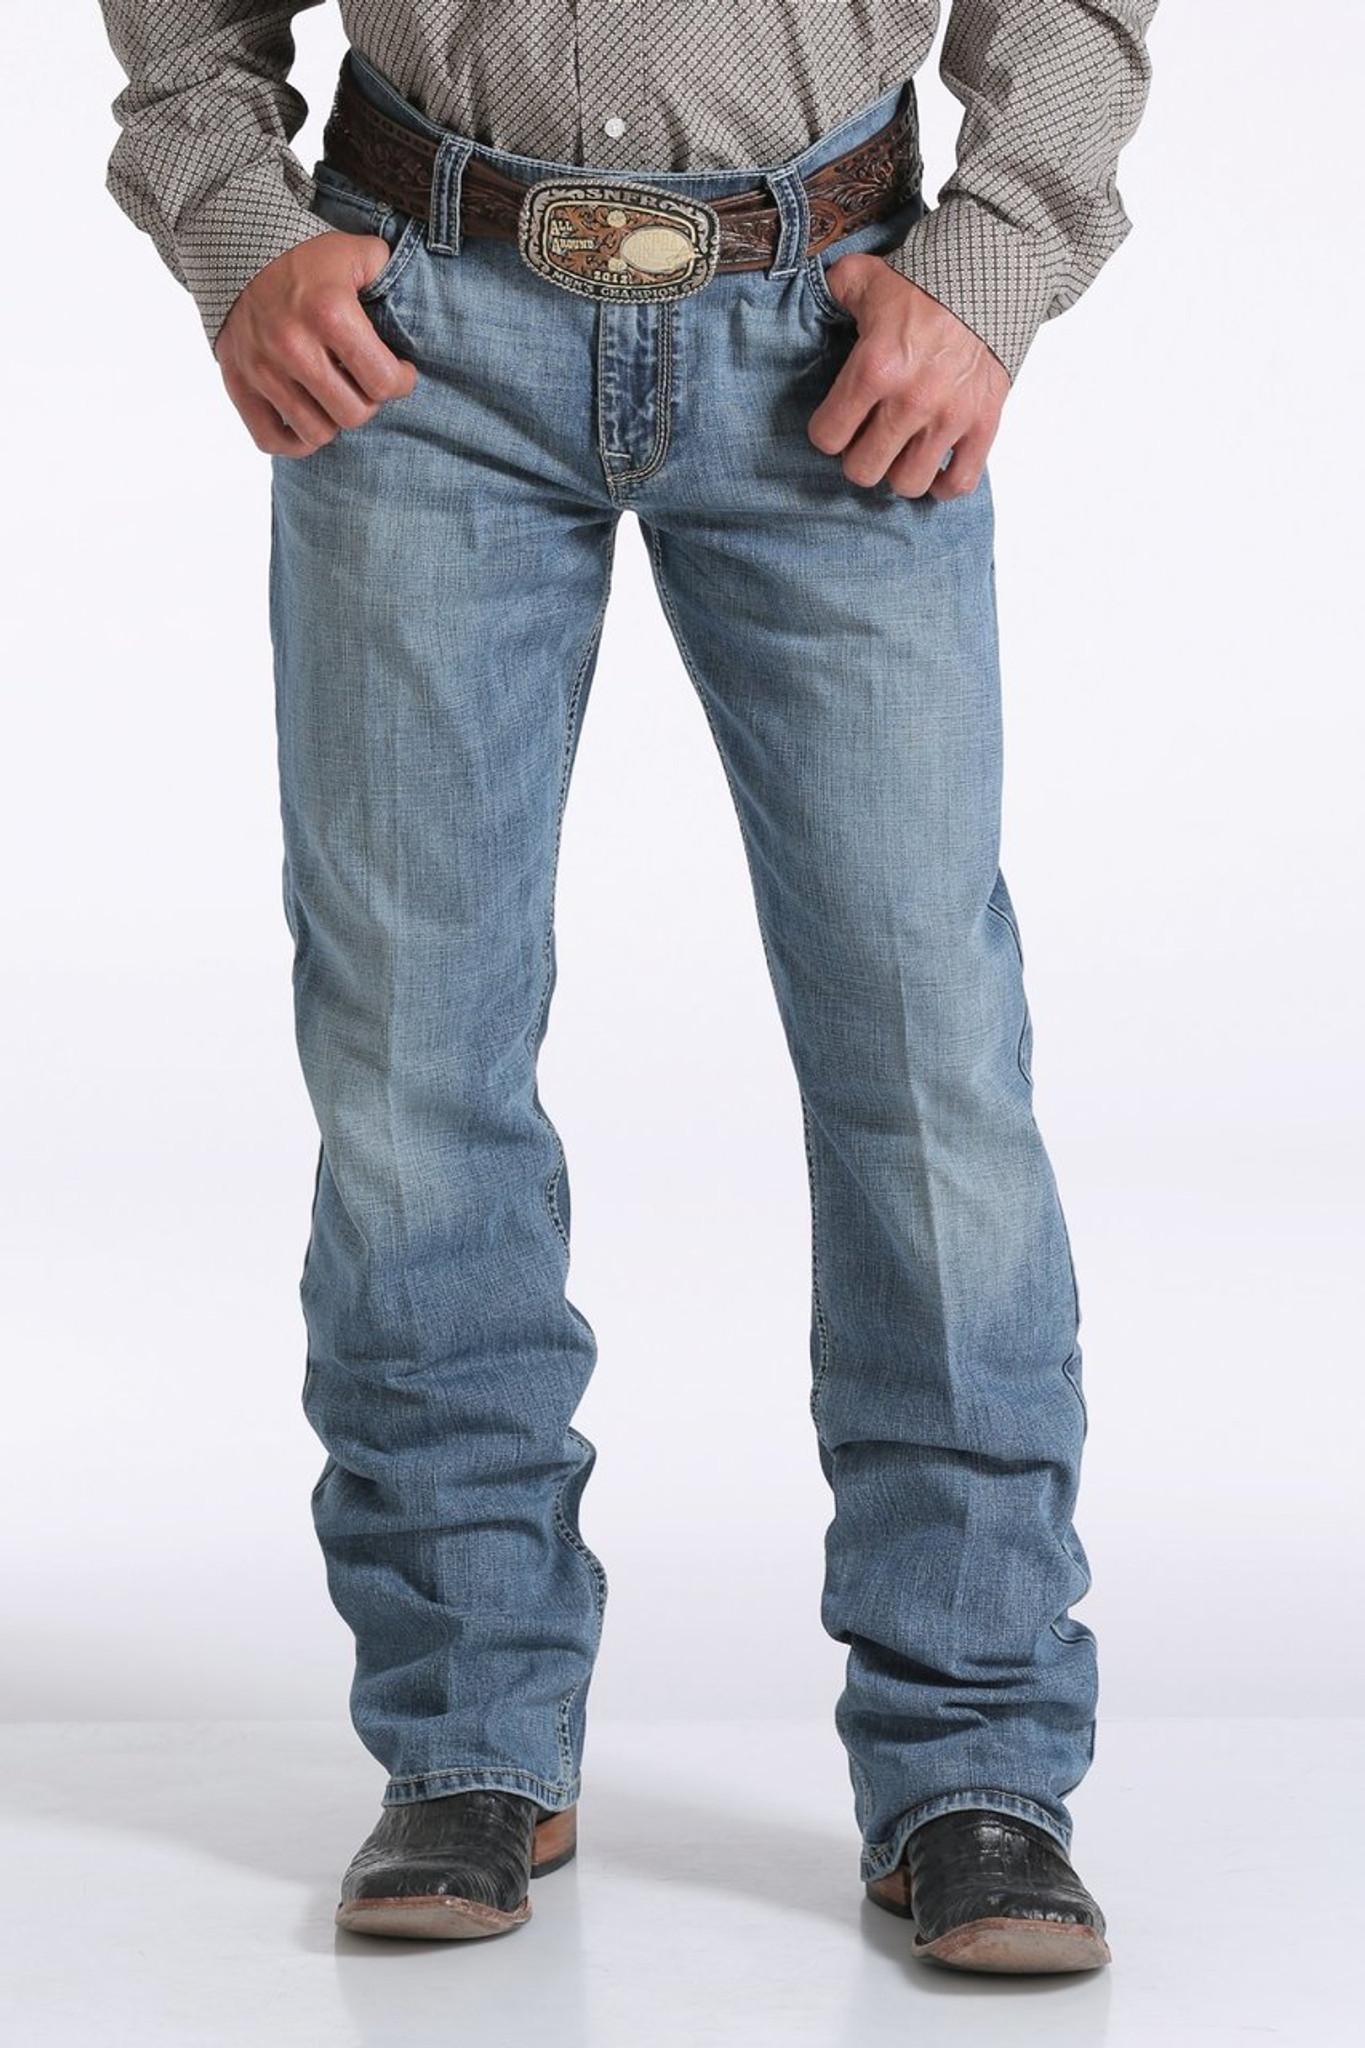 dd920bd7adf Men's Cinch Jeans